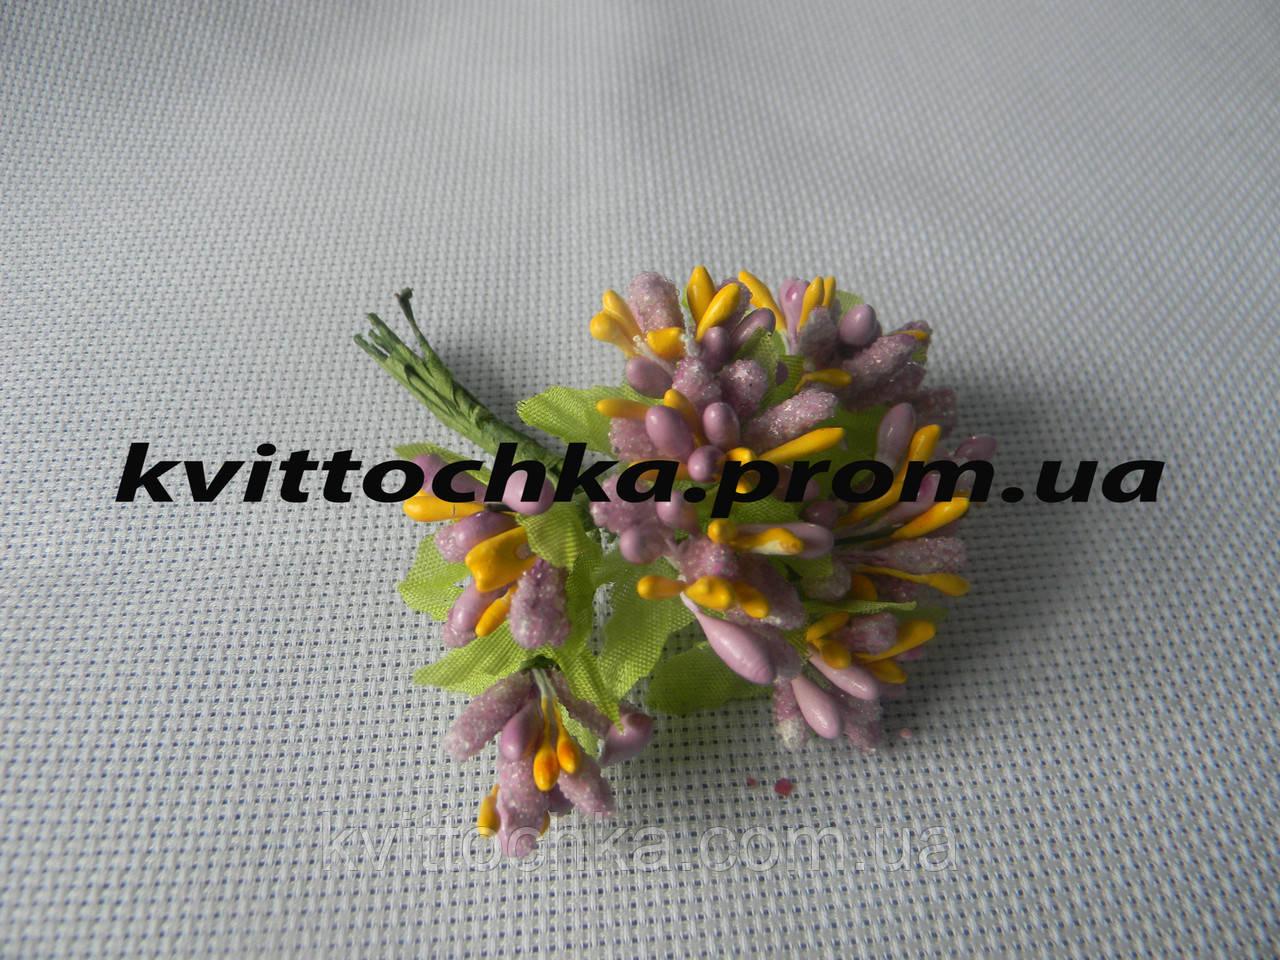 Соцветие тычинок цвет - фиолетовый с жёлтым